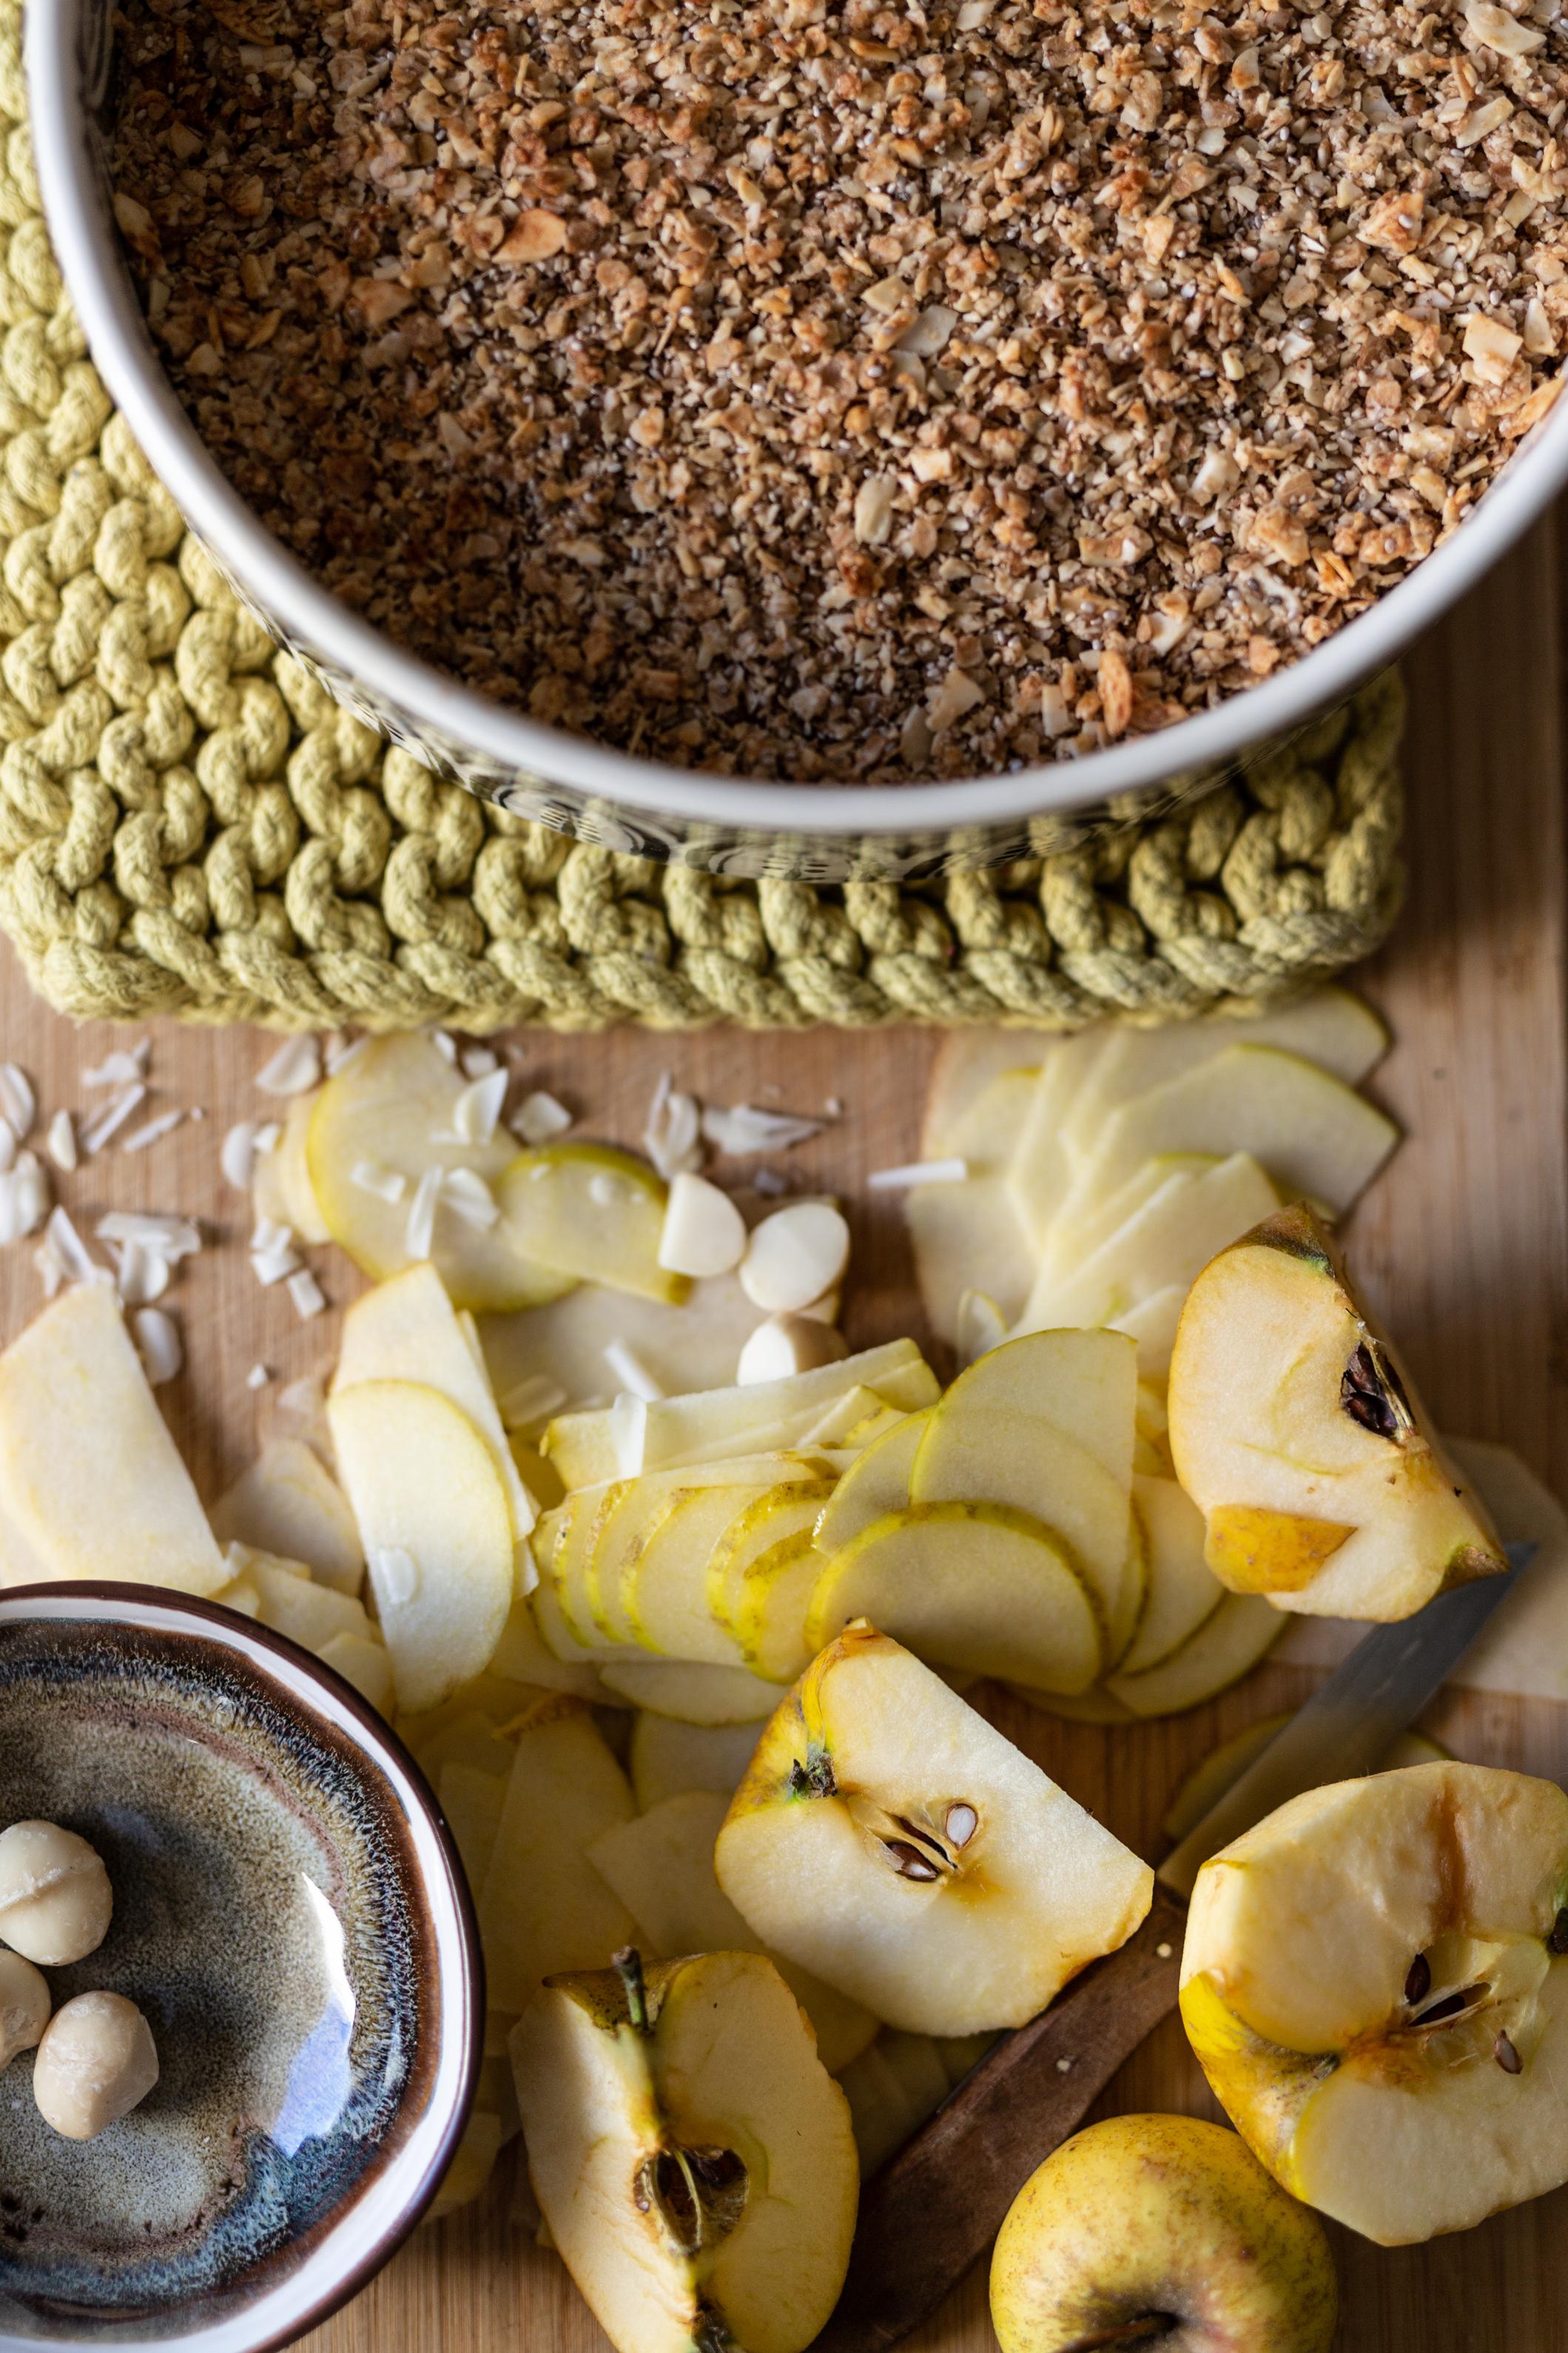 Schnelles Apfelcrumble mit richtig viel Apfel | Gesunde vegane Rezepte, Fermentation, Nachhaltigkeit - Syl Gervais